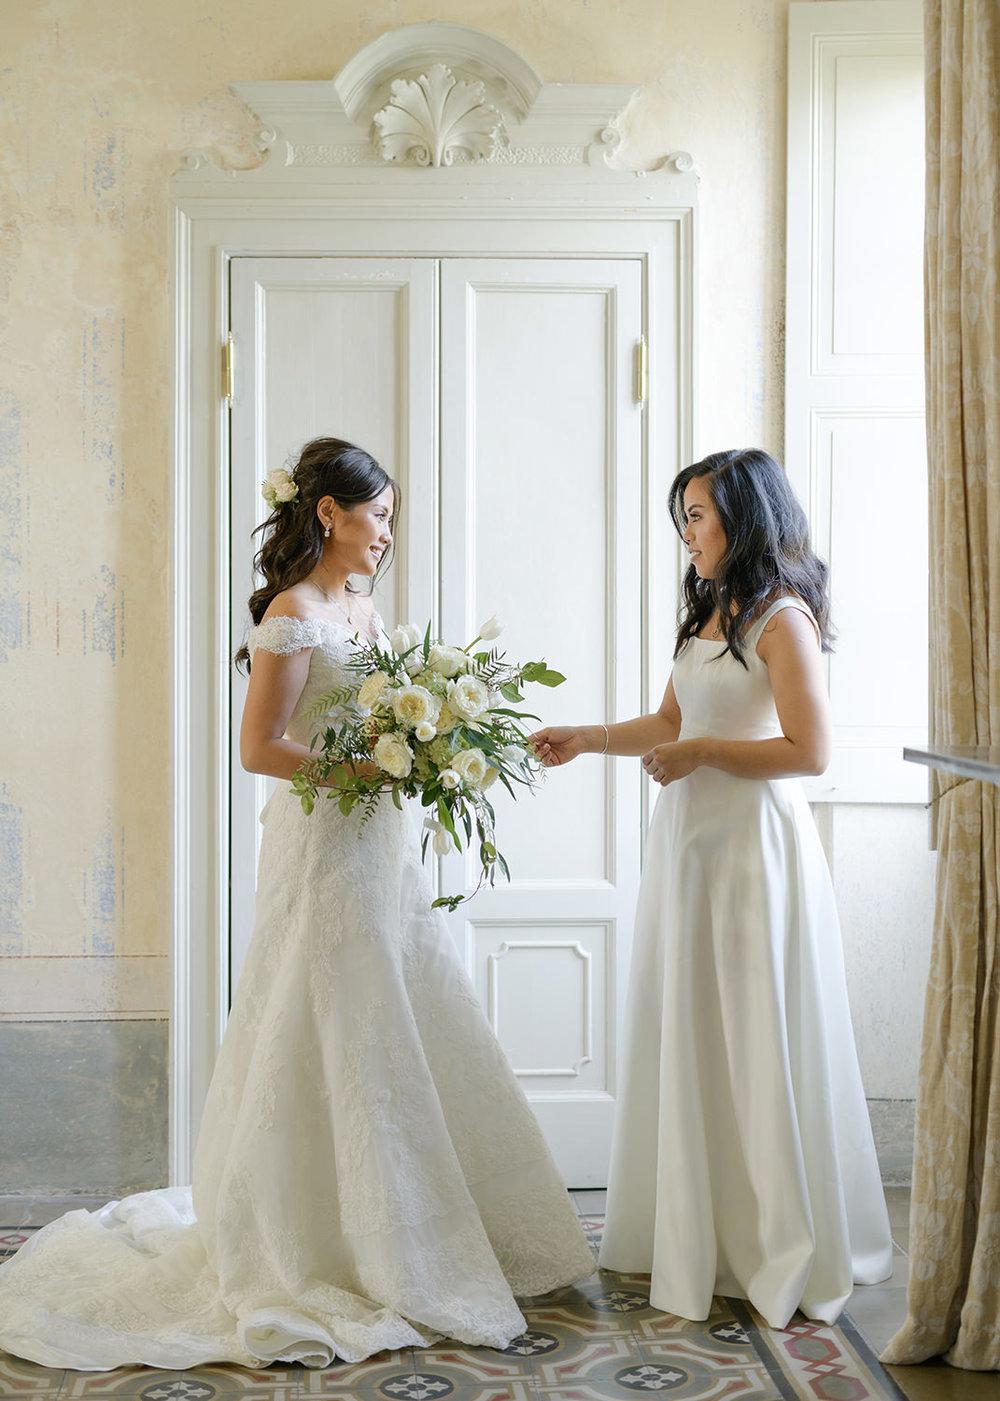 villa-regina-teodolinda-wedding-photographer-C&B-©bottega53-48.JPG